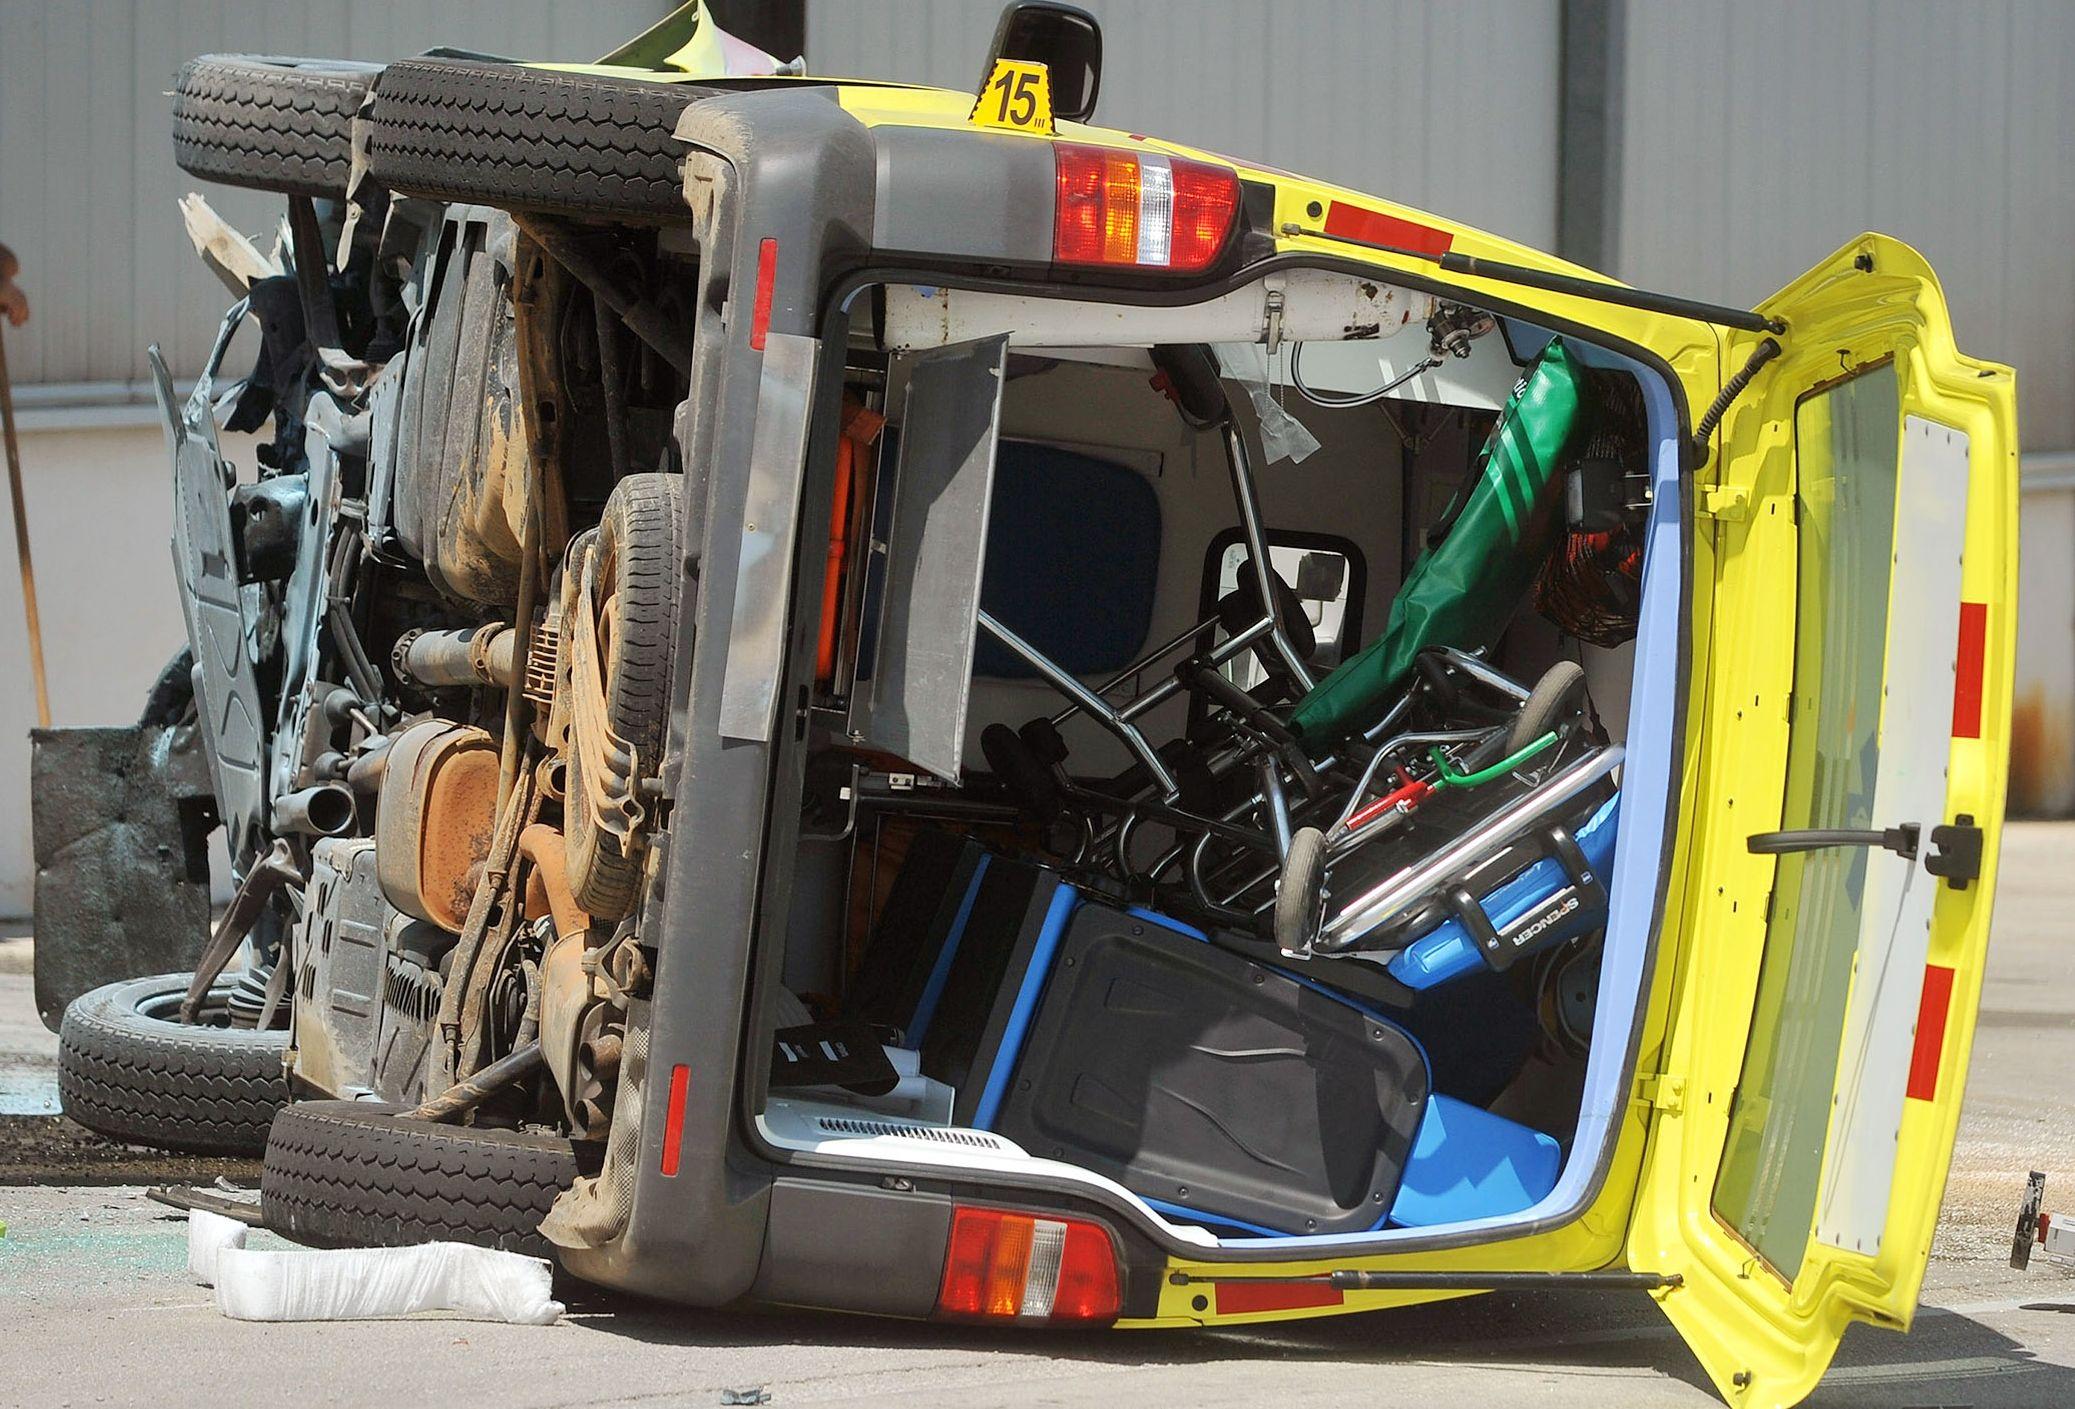 Ilustracija (ne prikazuje nesreću iz teksta) / Foto Filip Brala/PIXSELL